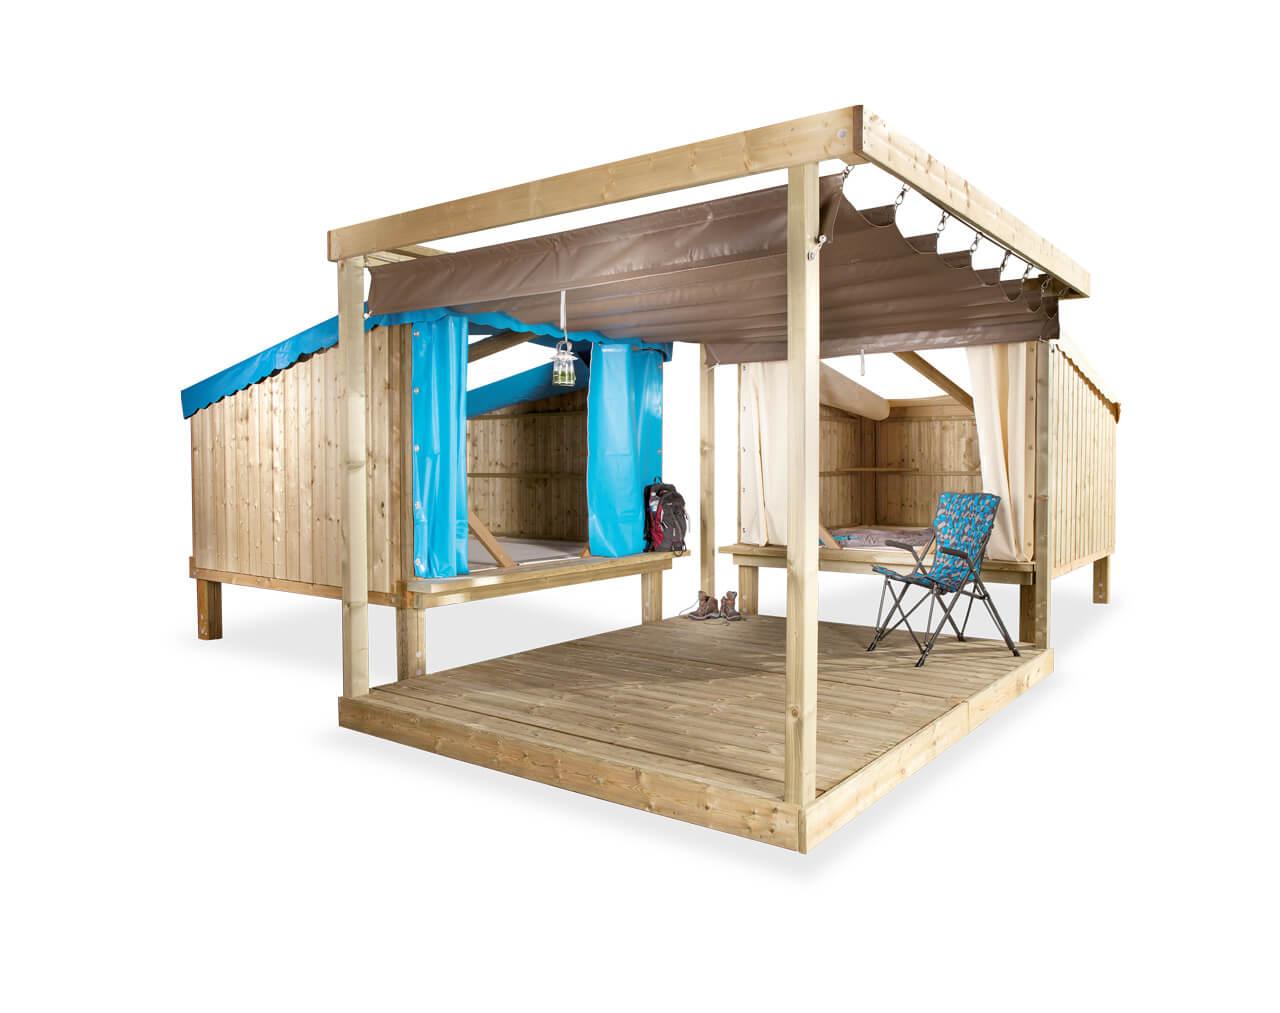 Cabane en bois Cop Camp pour un séjour ludique